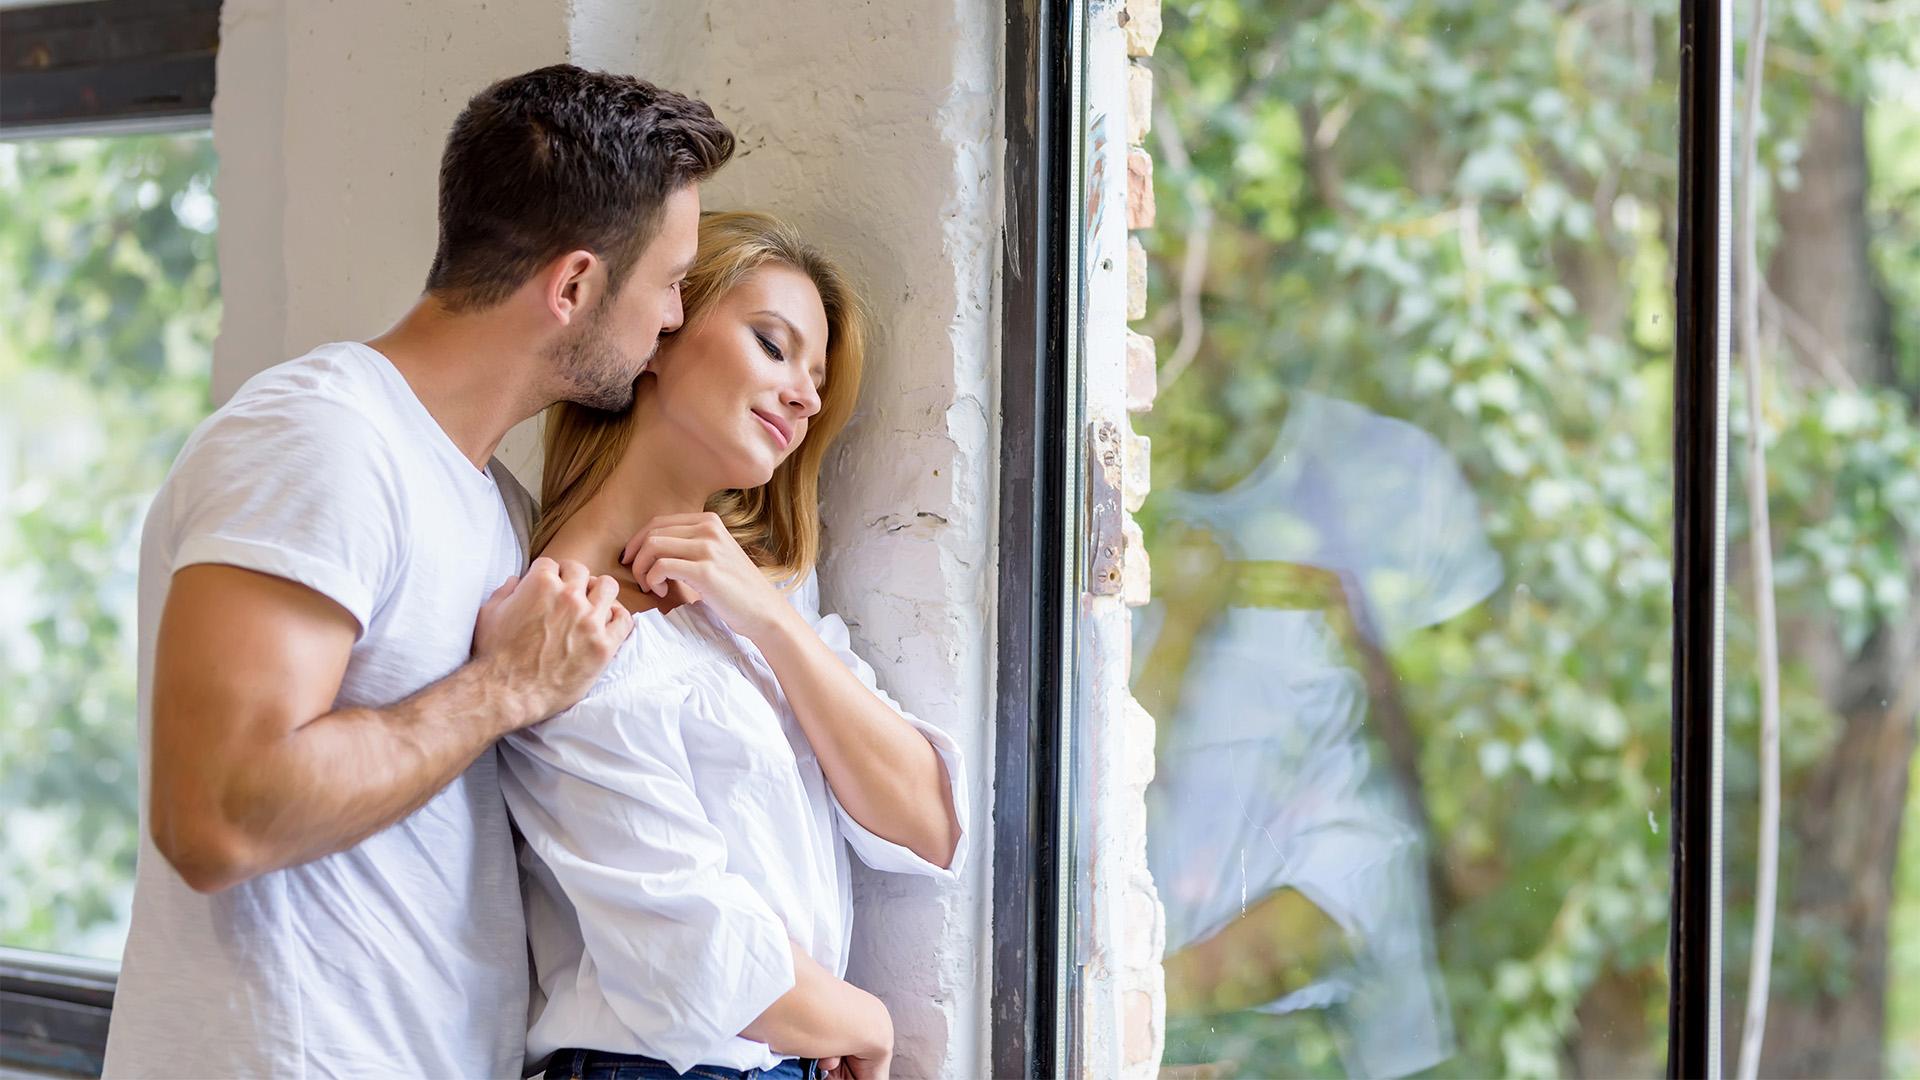 b. molnár márk dr hevesi krisztina karantén konfliktusforrások konfliktushelyzet koronavírus rémhírek sérelmek szabadidő szexuálpszichológus túlélőkészlet vita